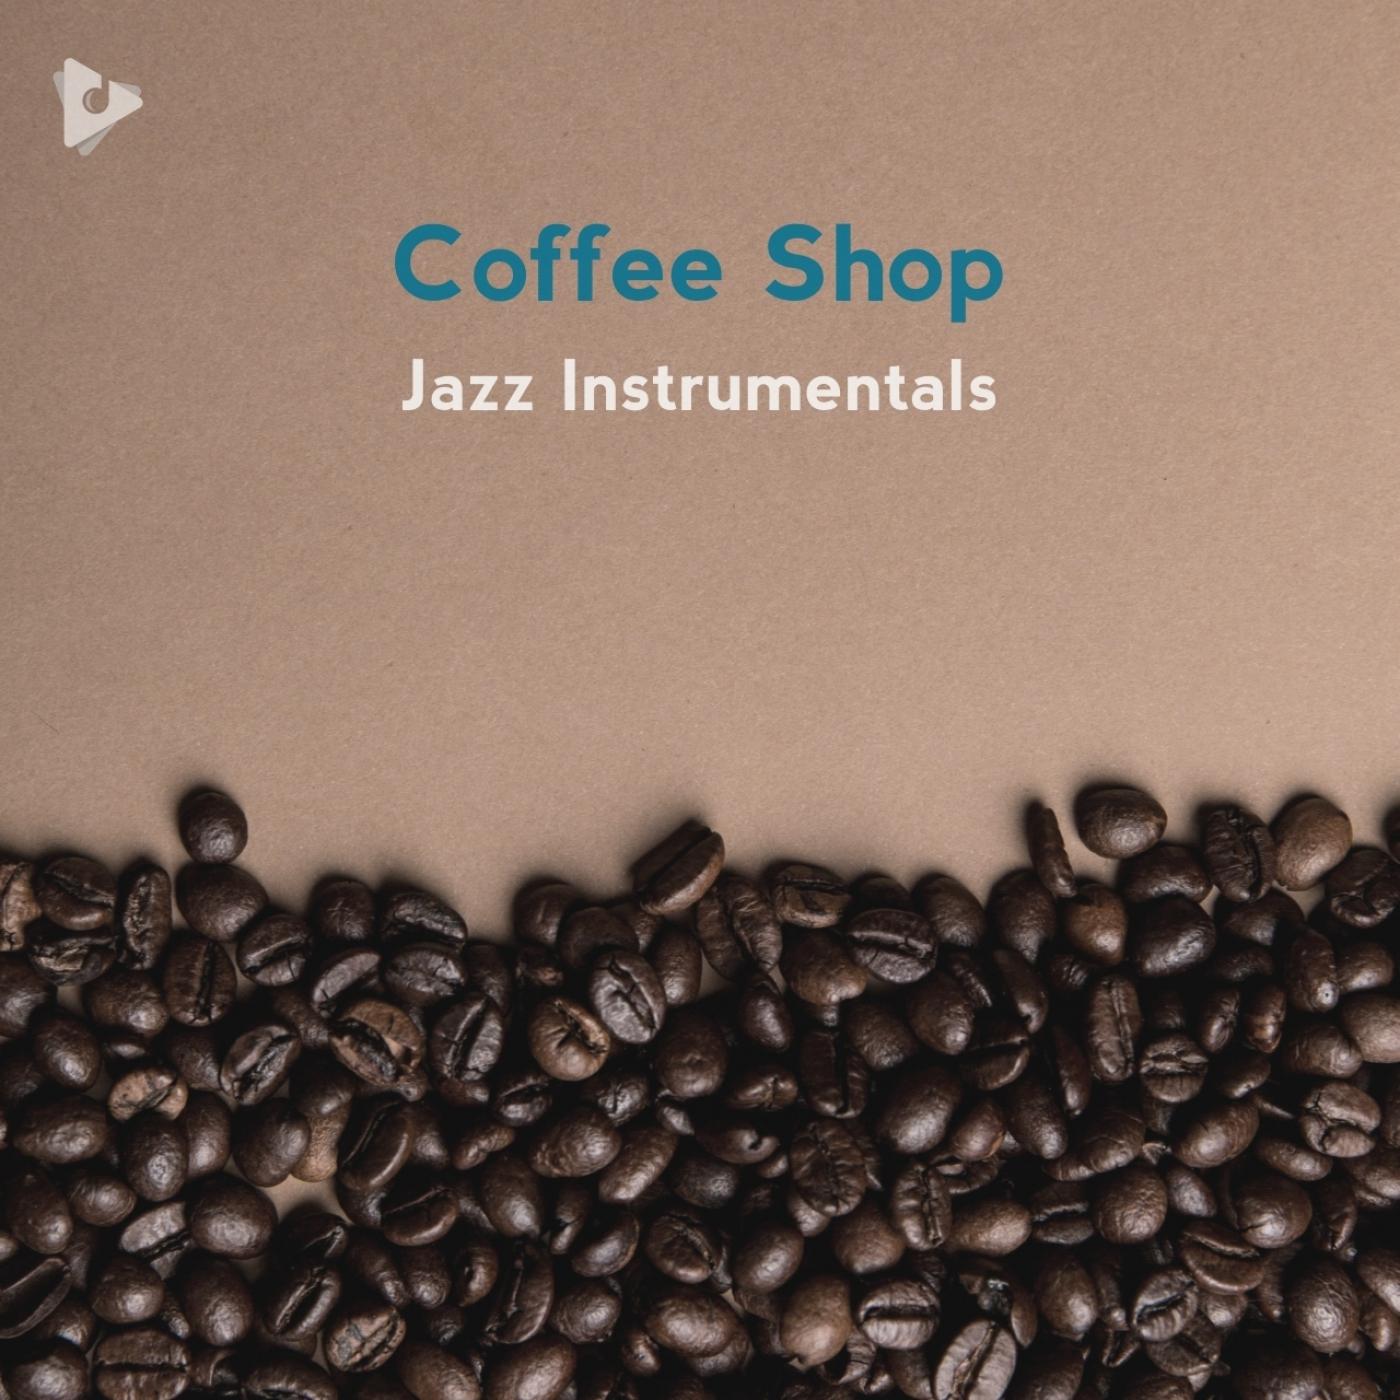 Coffee Shop Jazz Instrumentals